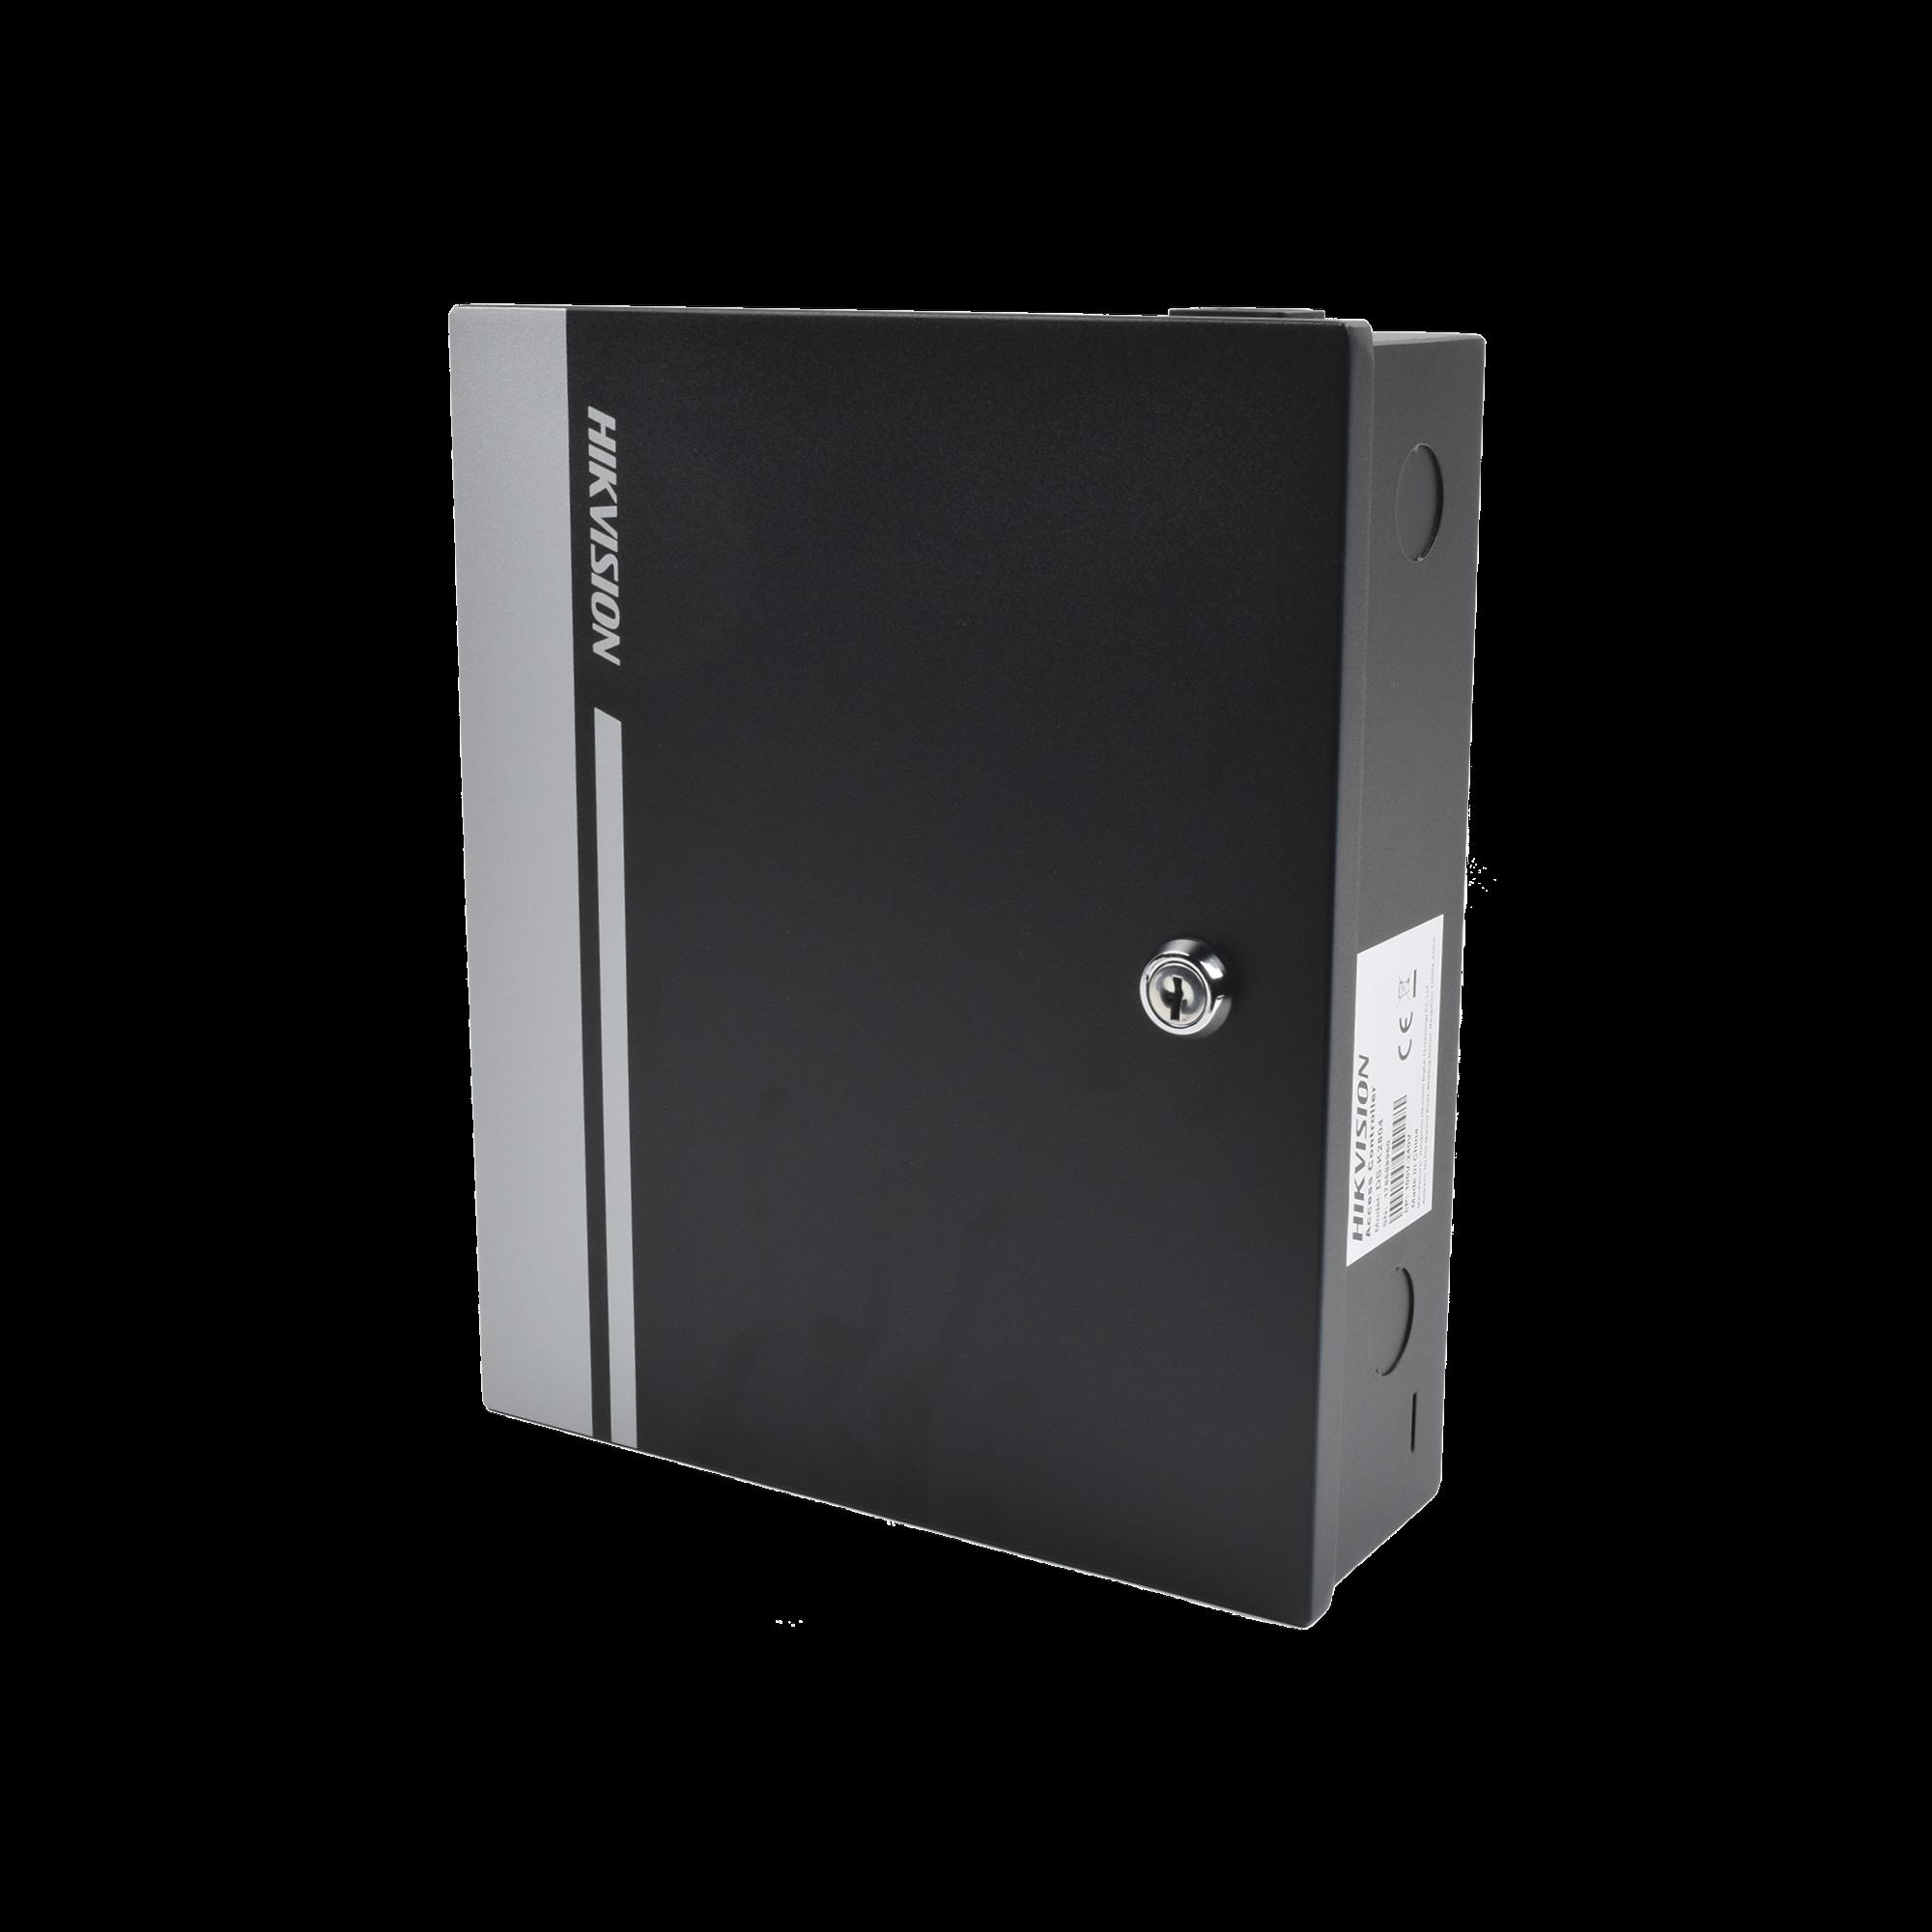 Controlador de Acceso Integrable con Videovigilancia / 1 Puerta / 10,000 Tarjetas / 50,000 Eventos / Incluye Gabinete y Fuente de Alimentación 12VCD/8A